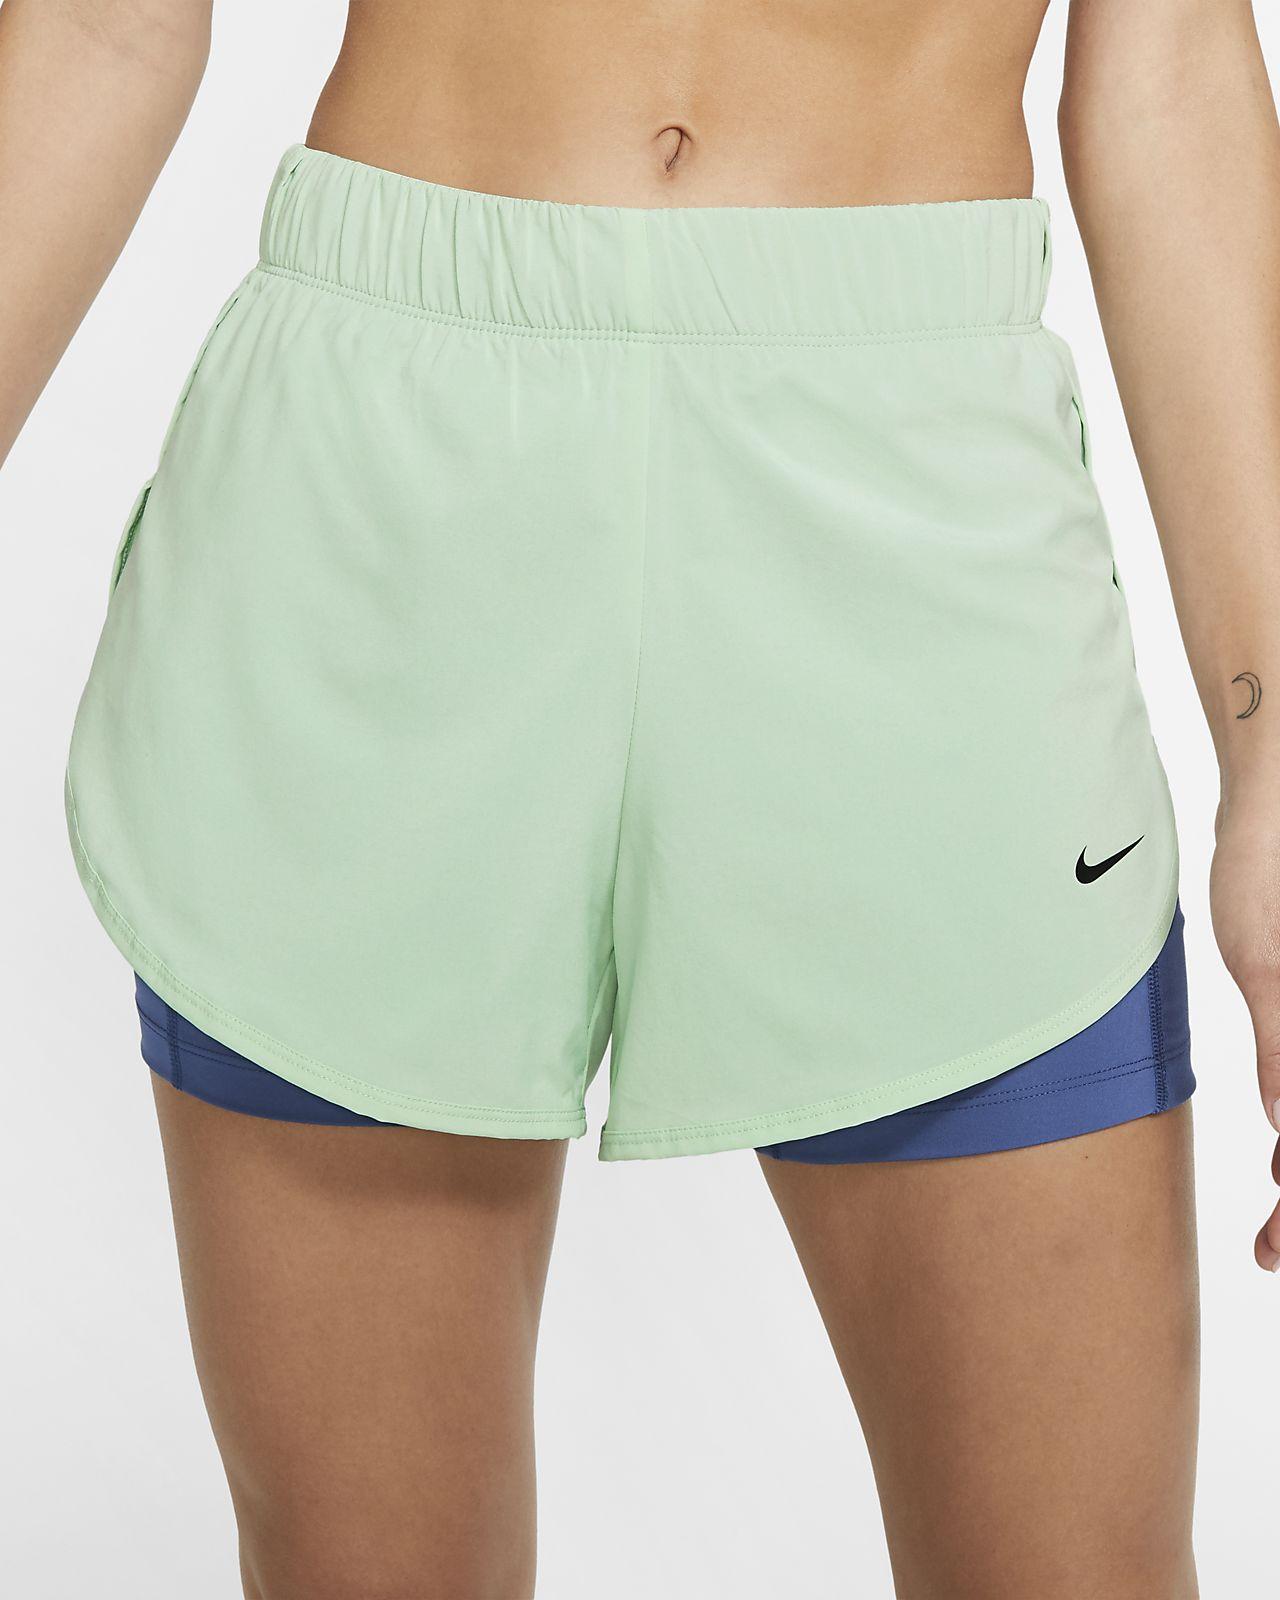 Damskie spodenki treningowe 2 w 1 Nike Flex